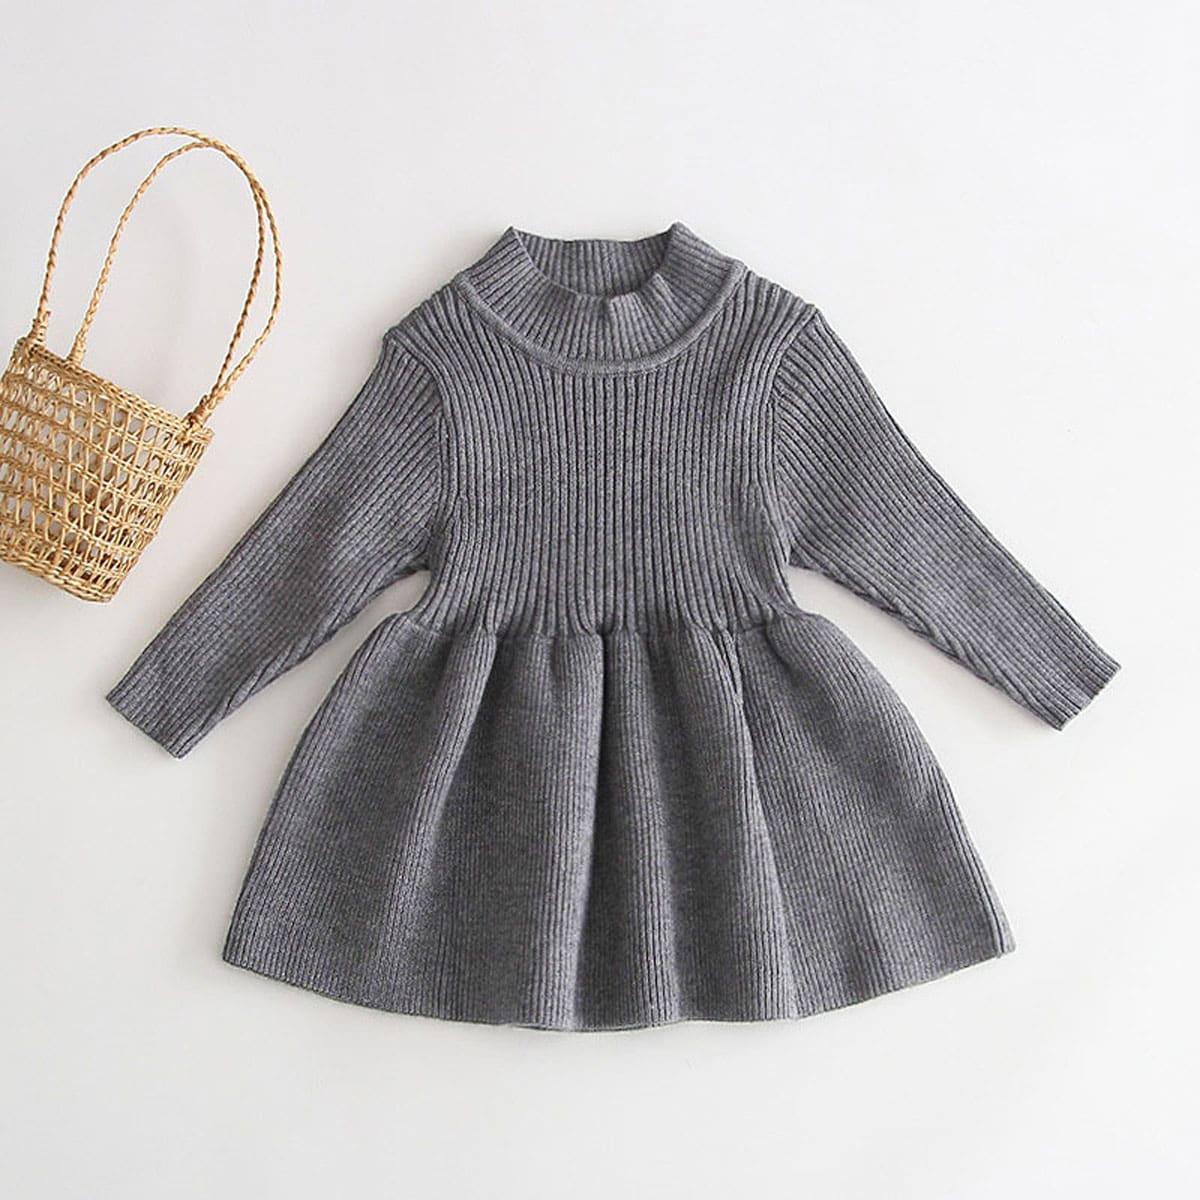 Однотонное трикотажное платье с воротником-стойкой для девочек